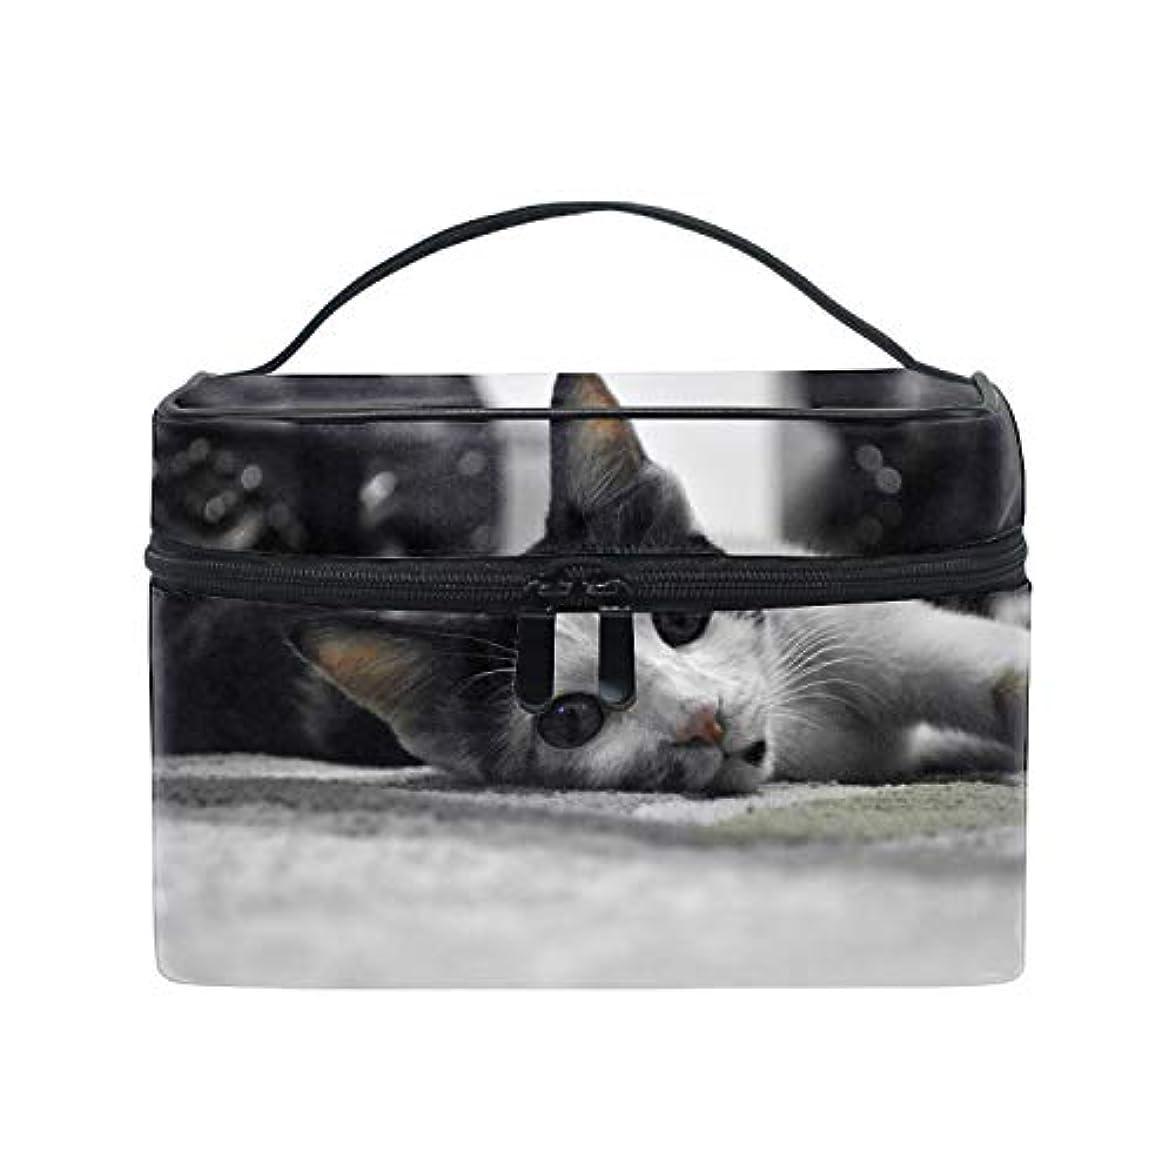 後方にジャンピングジャック公平な猫ブラックホワイトペット動物顔コスメ 化粧 洗面 旅行 出張 ホワイトデー お返し ギフト